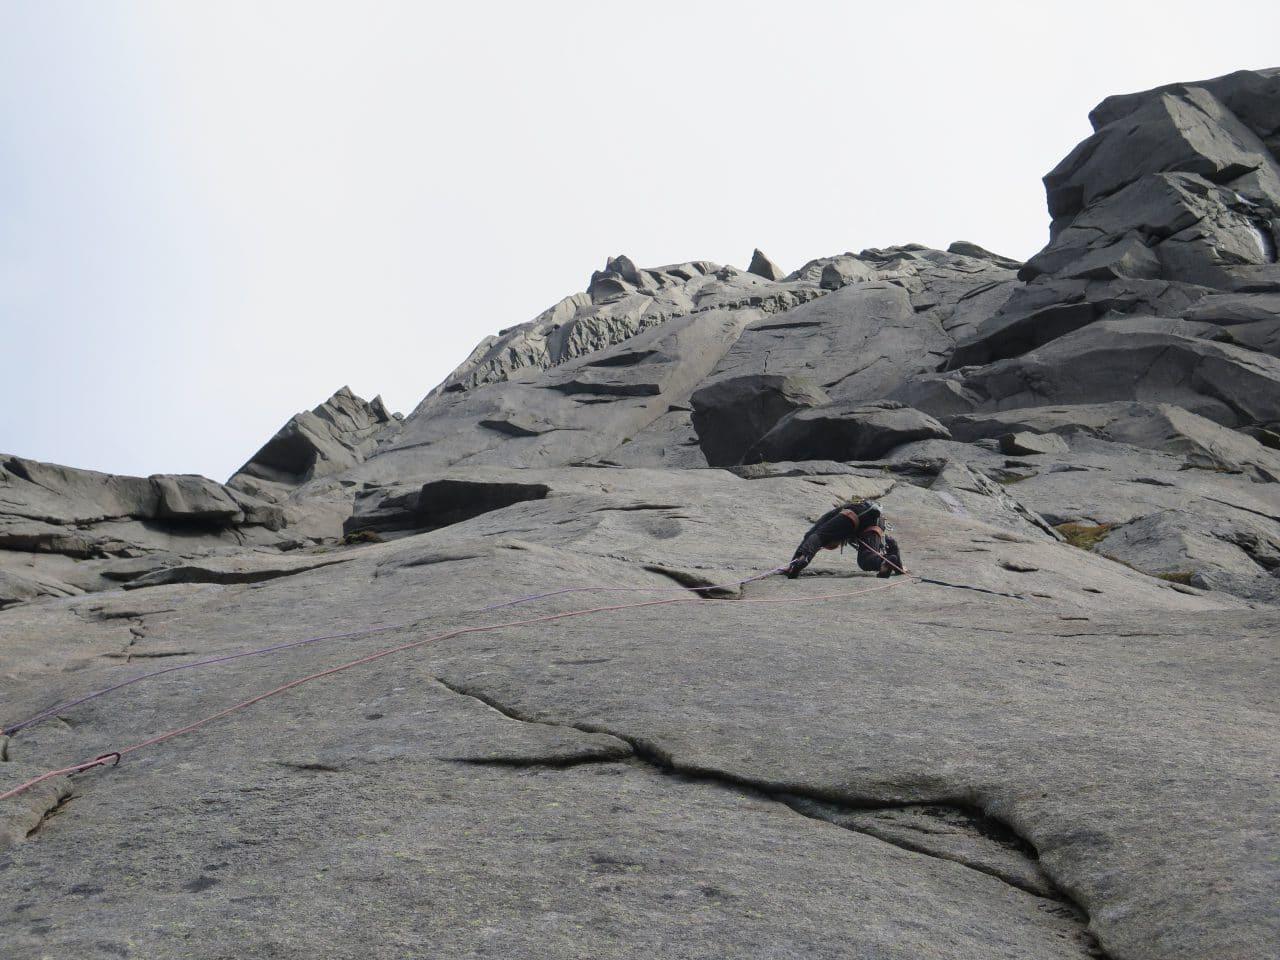 lofoten-norvege-escalade-voyage-helyum-yann-nussbaumer-6